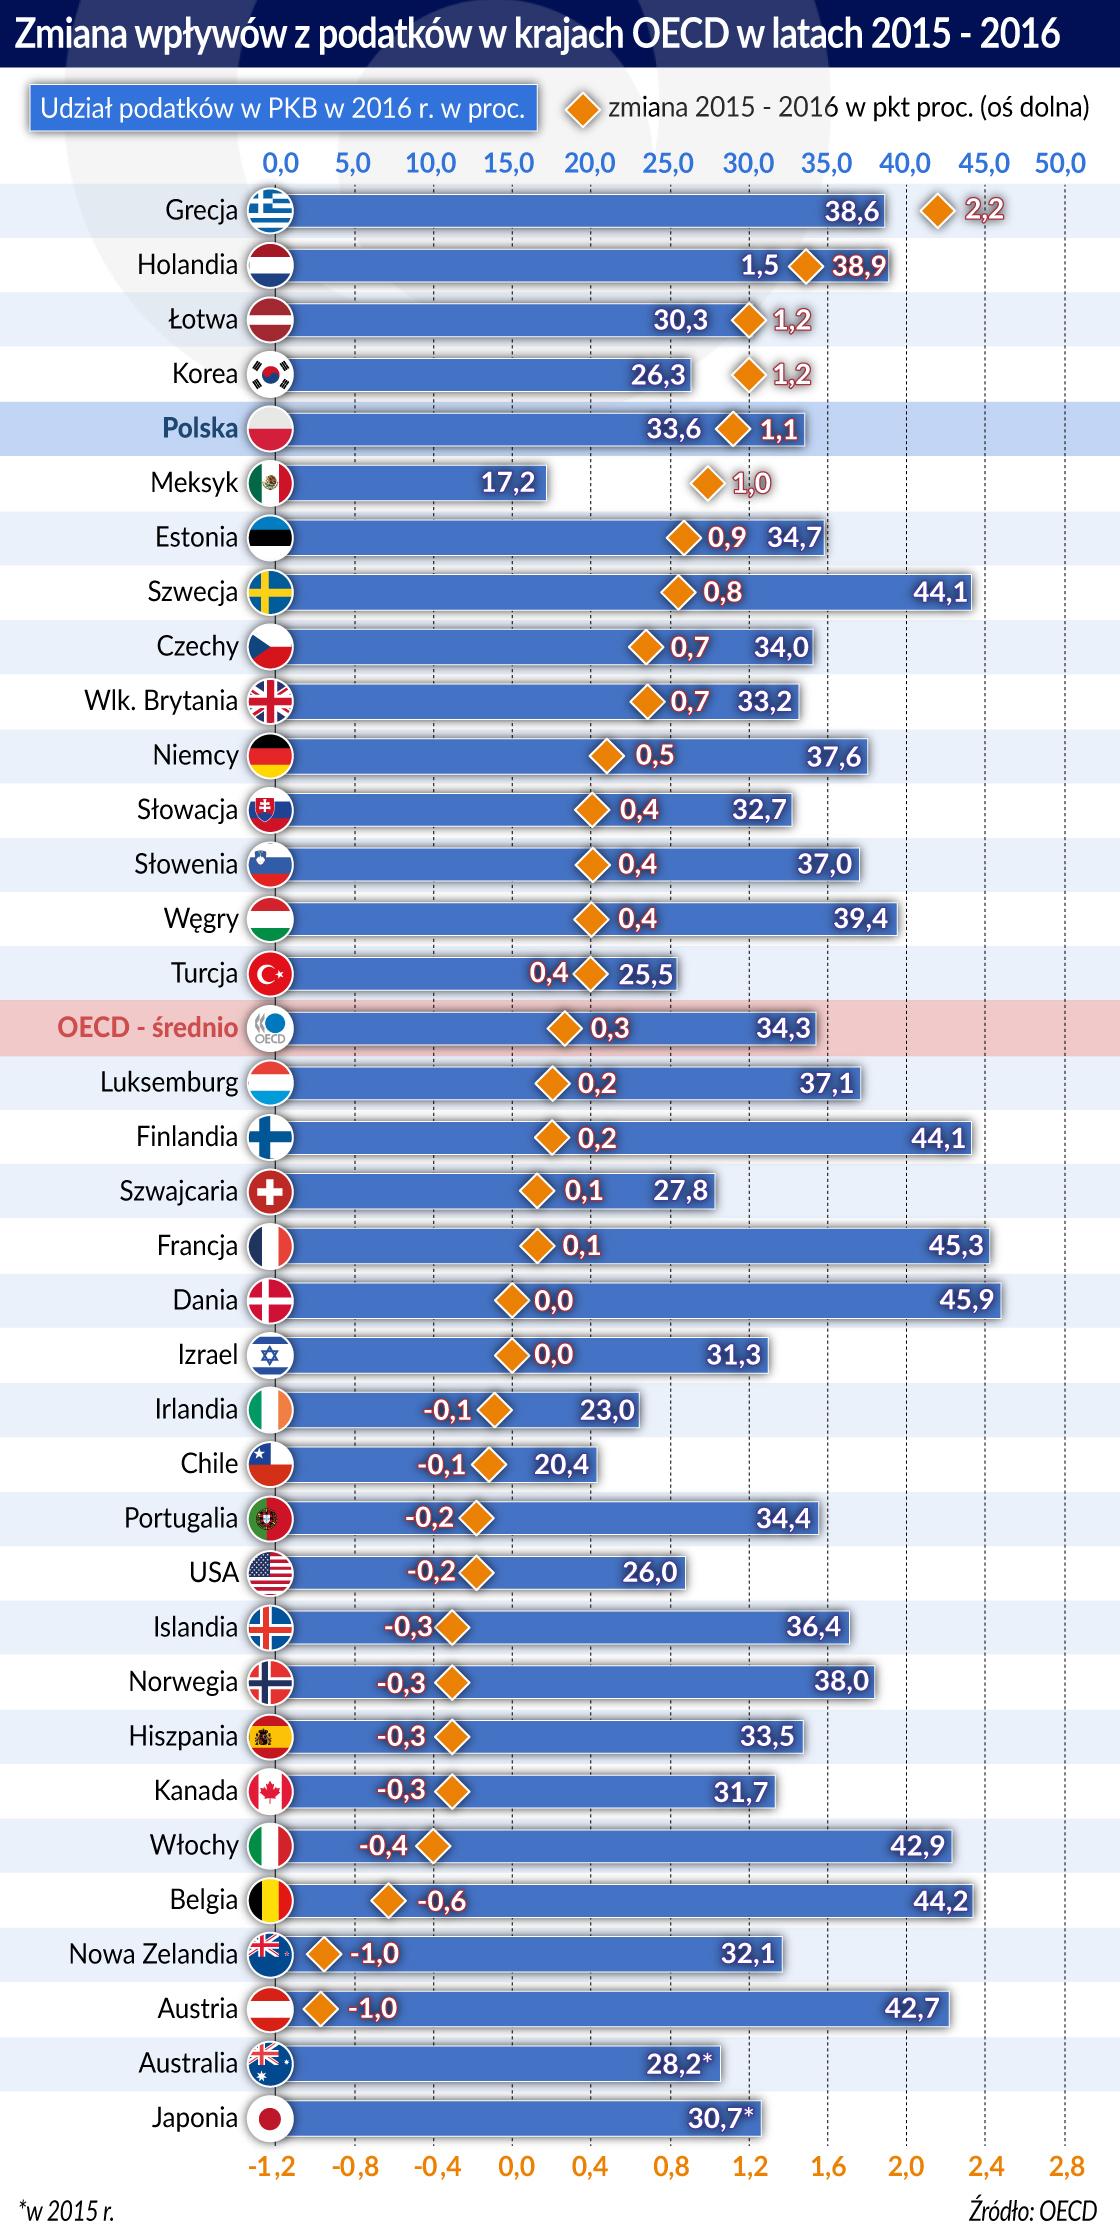 Podatki_OECD_2015_2016_srodek